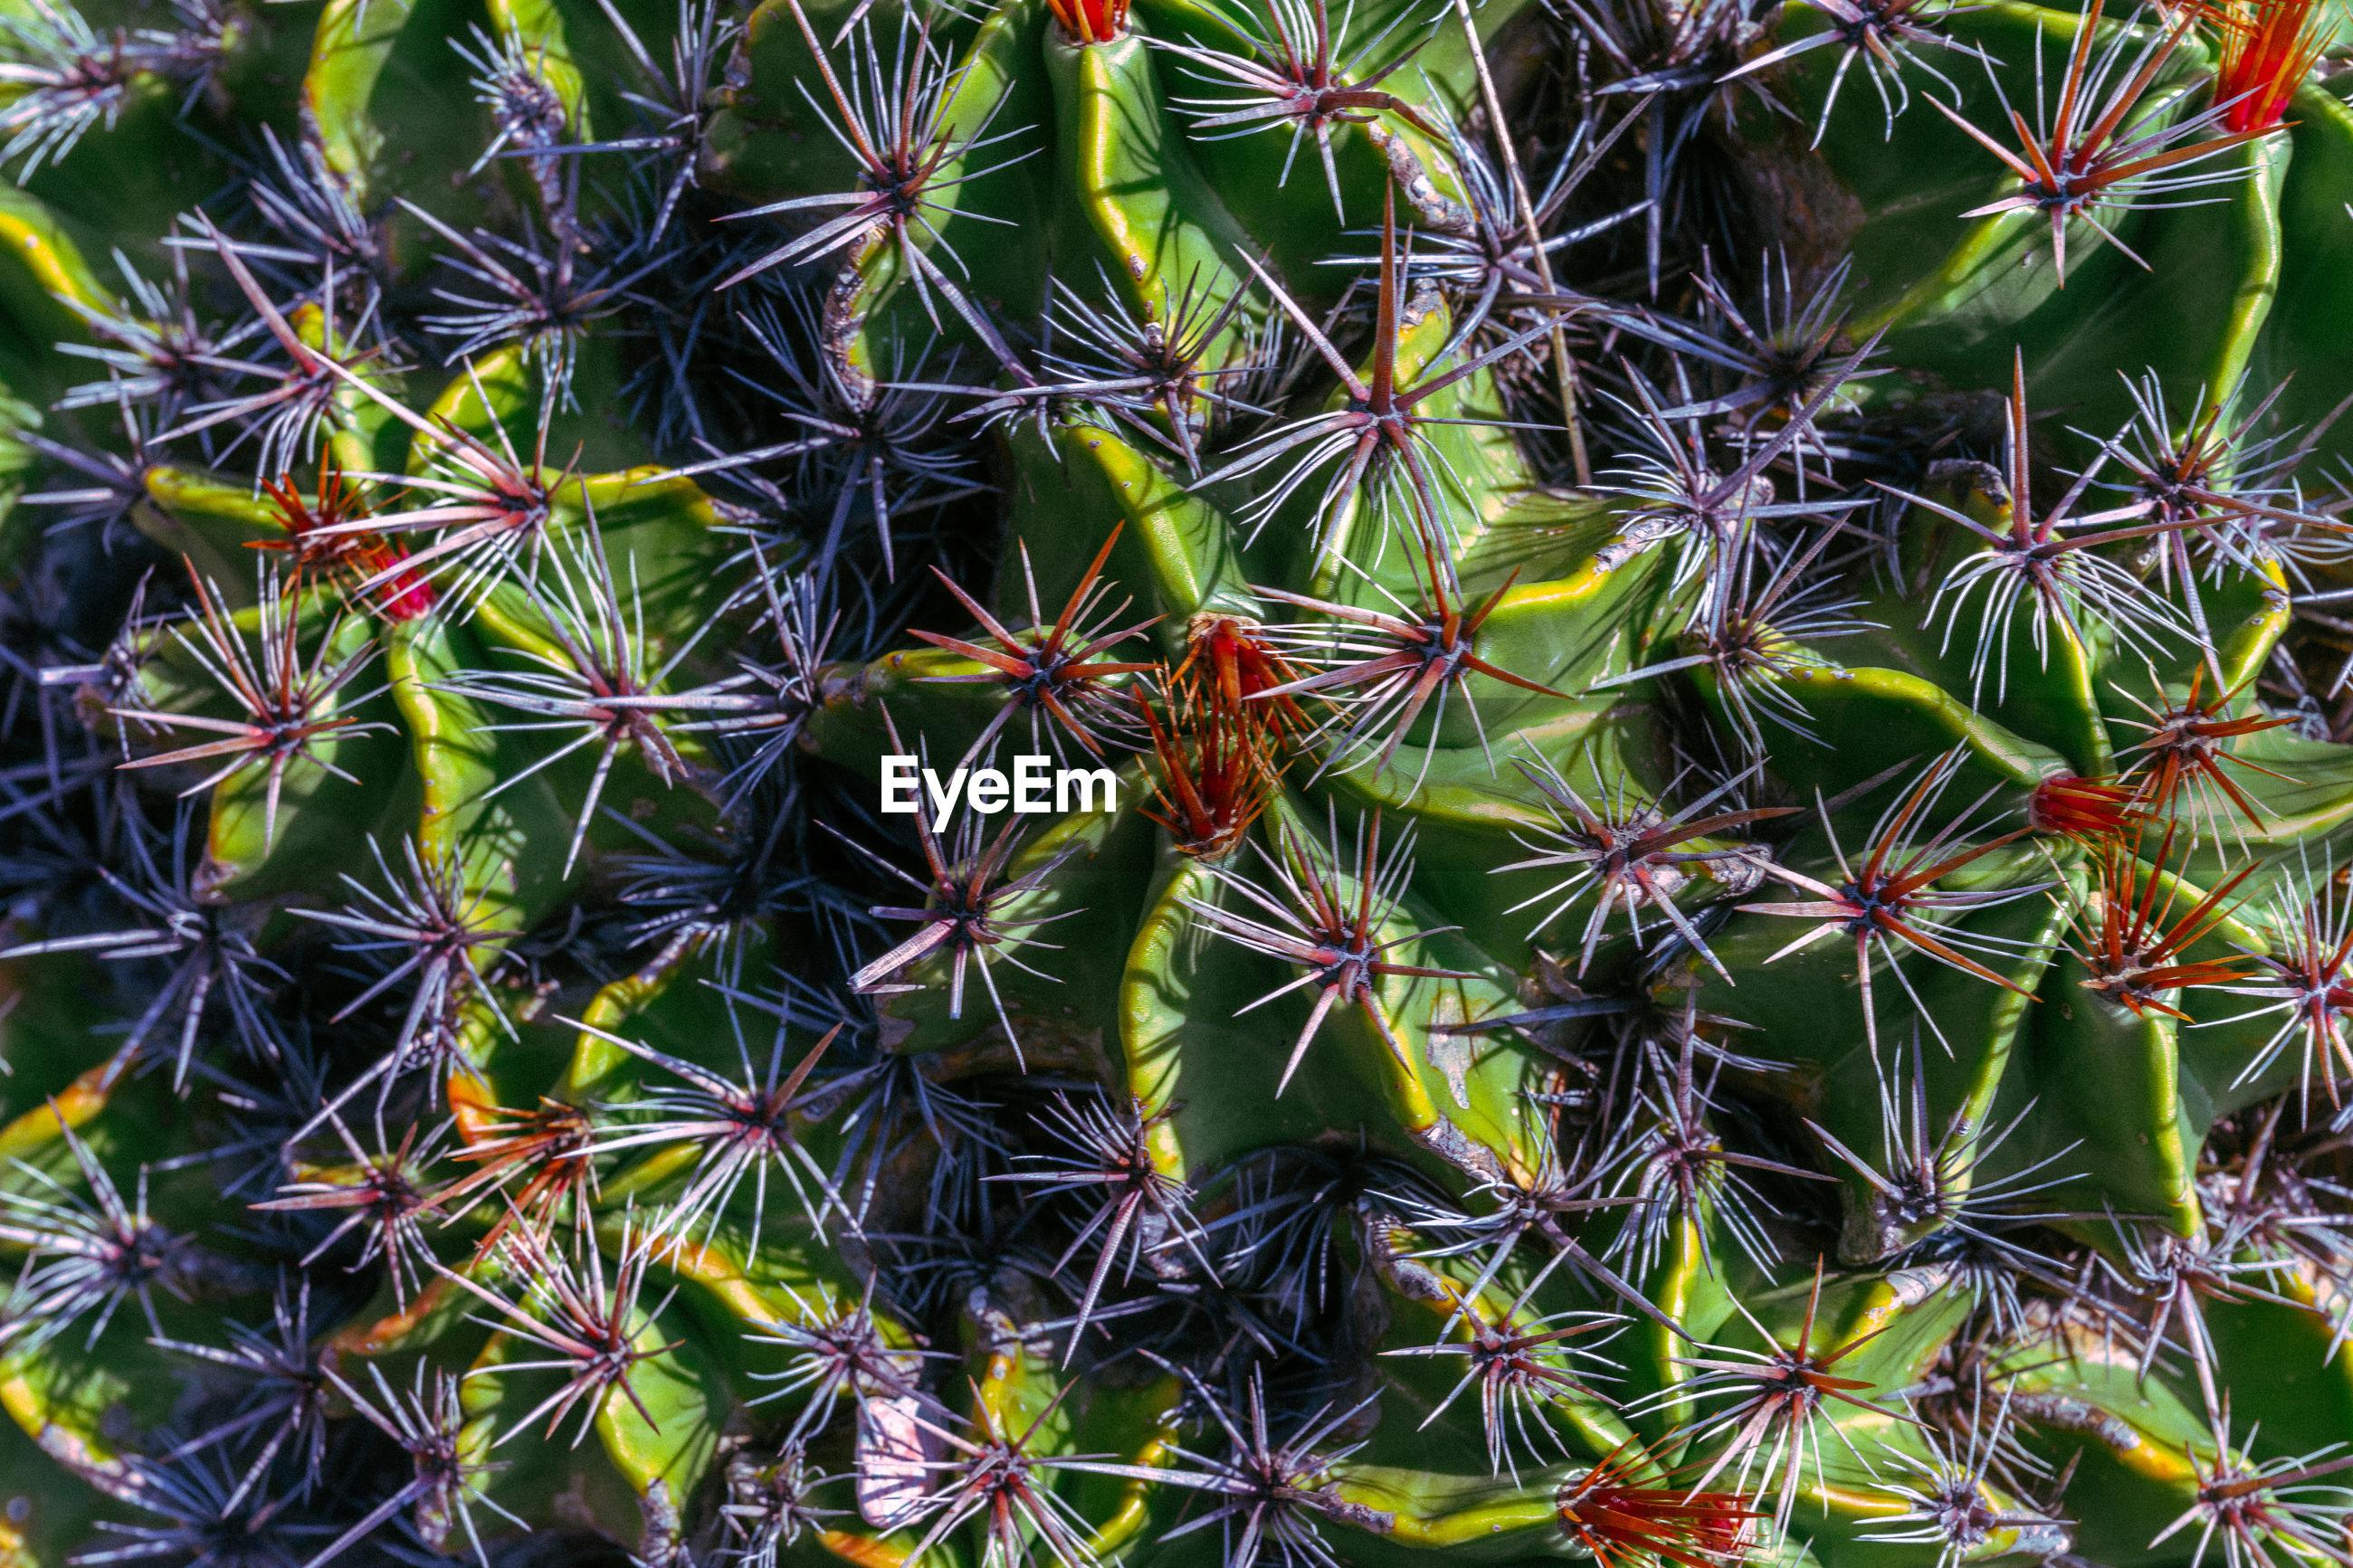 FULL FRAME OF SUCCULENT PLANT